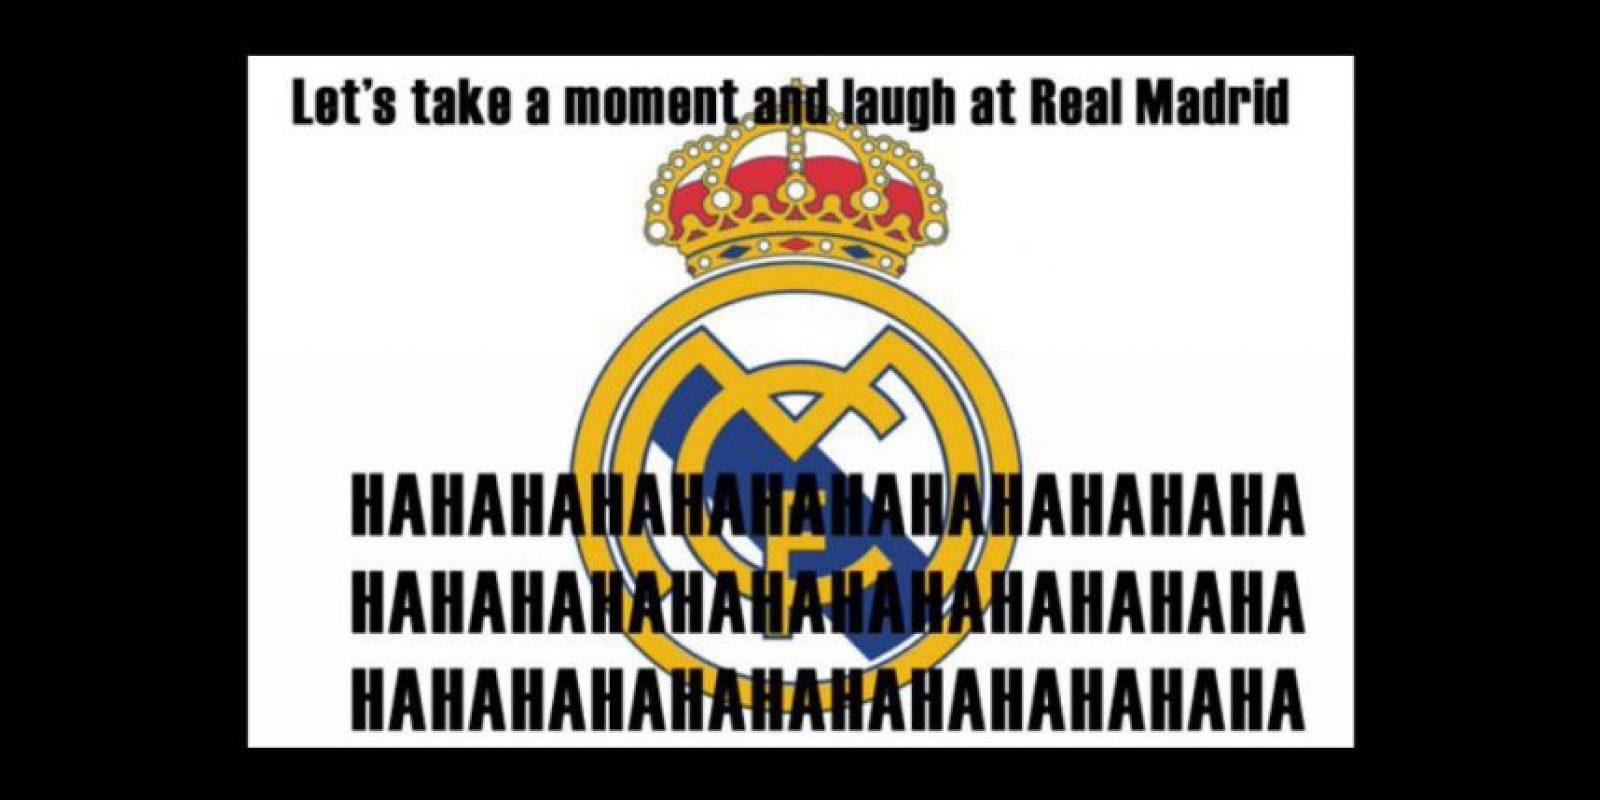 Lo cierto es que cada caída del Real Madrid genera muchas risas entre sus detractores. Foto:Vía twitter.com